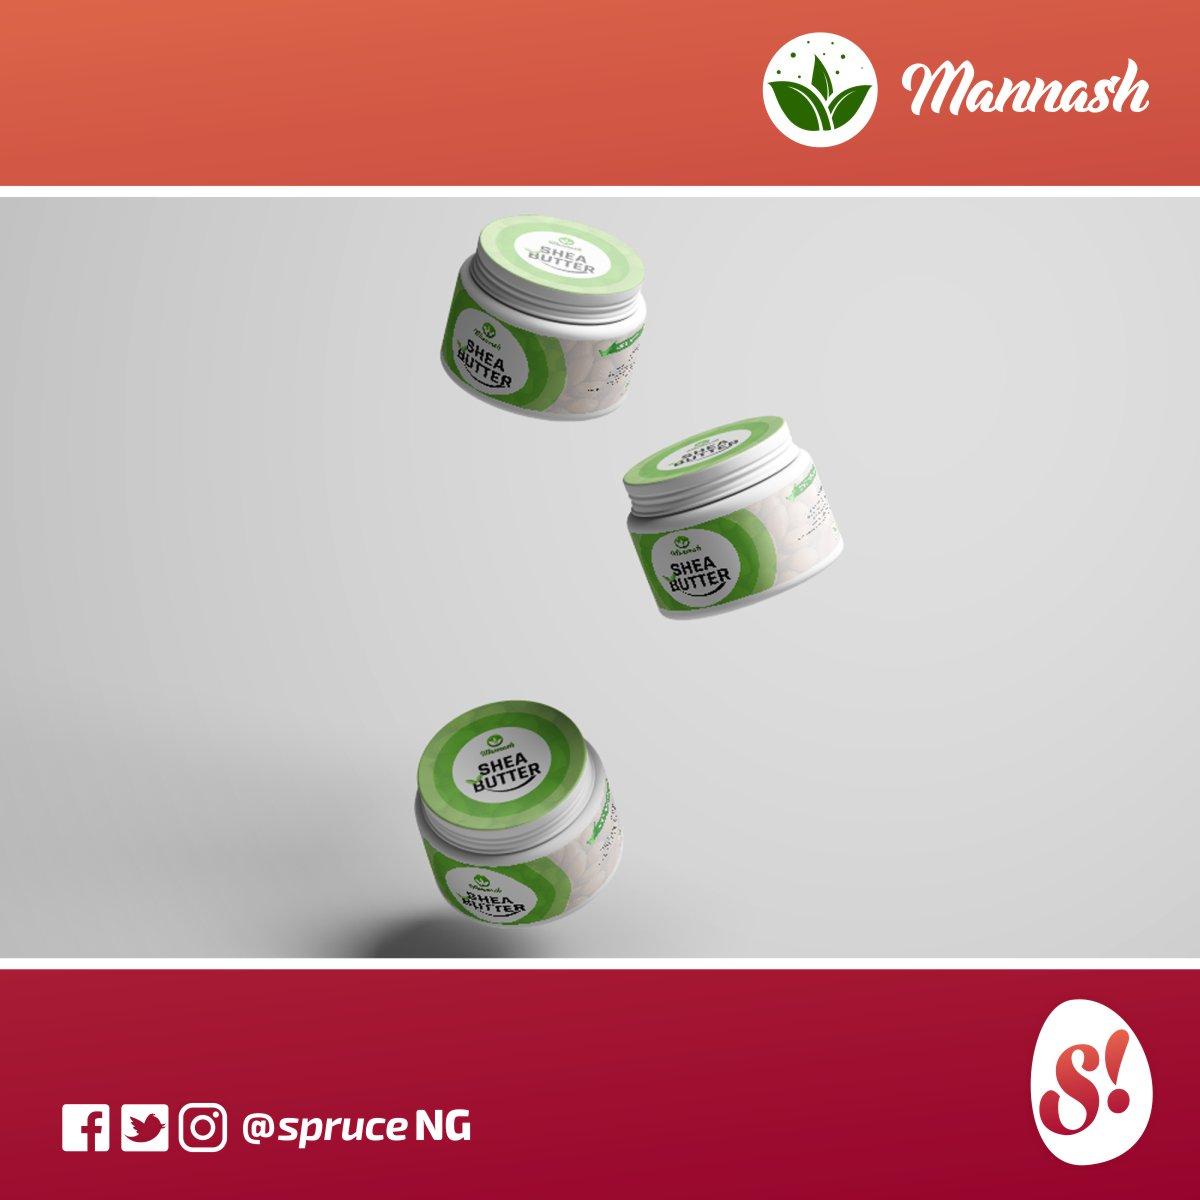 Mannash 6